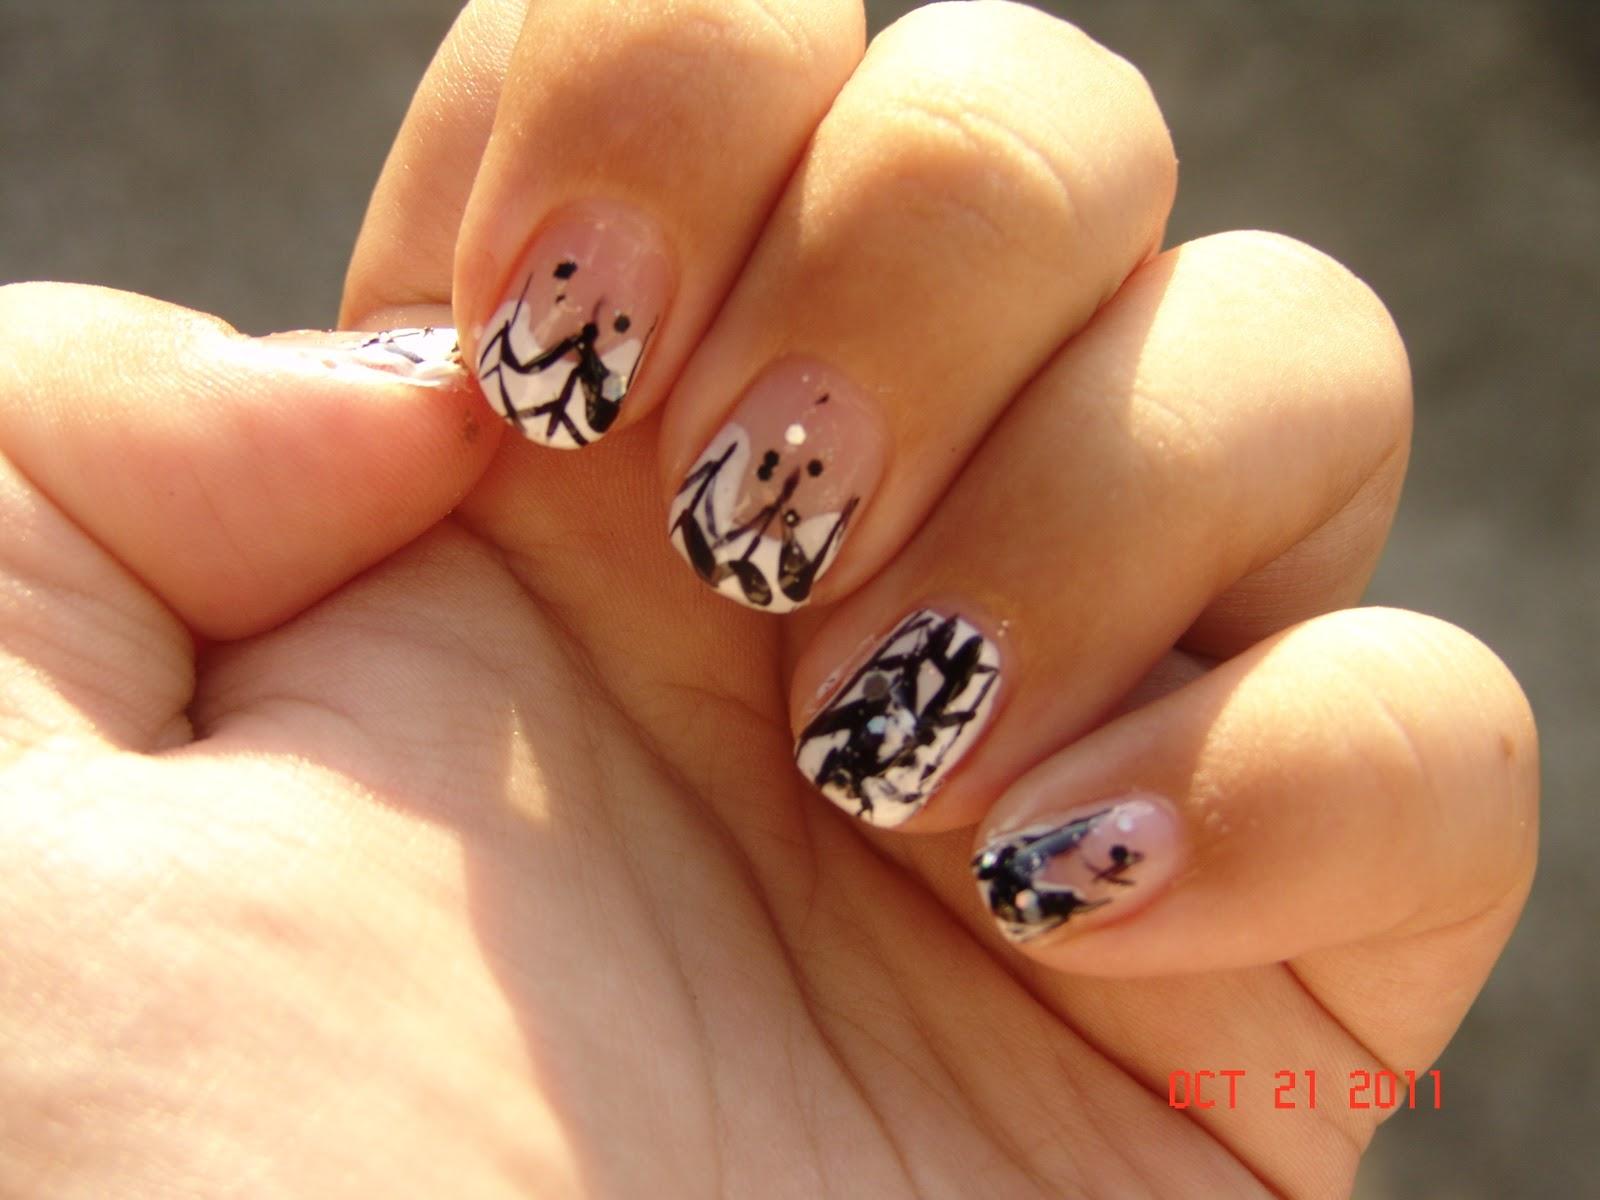 Nails | Spider Webs